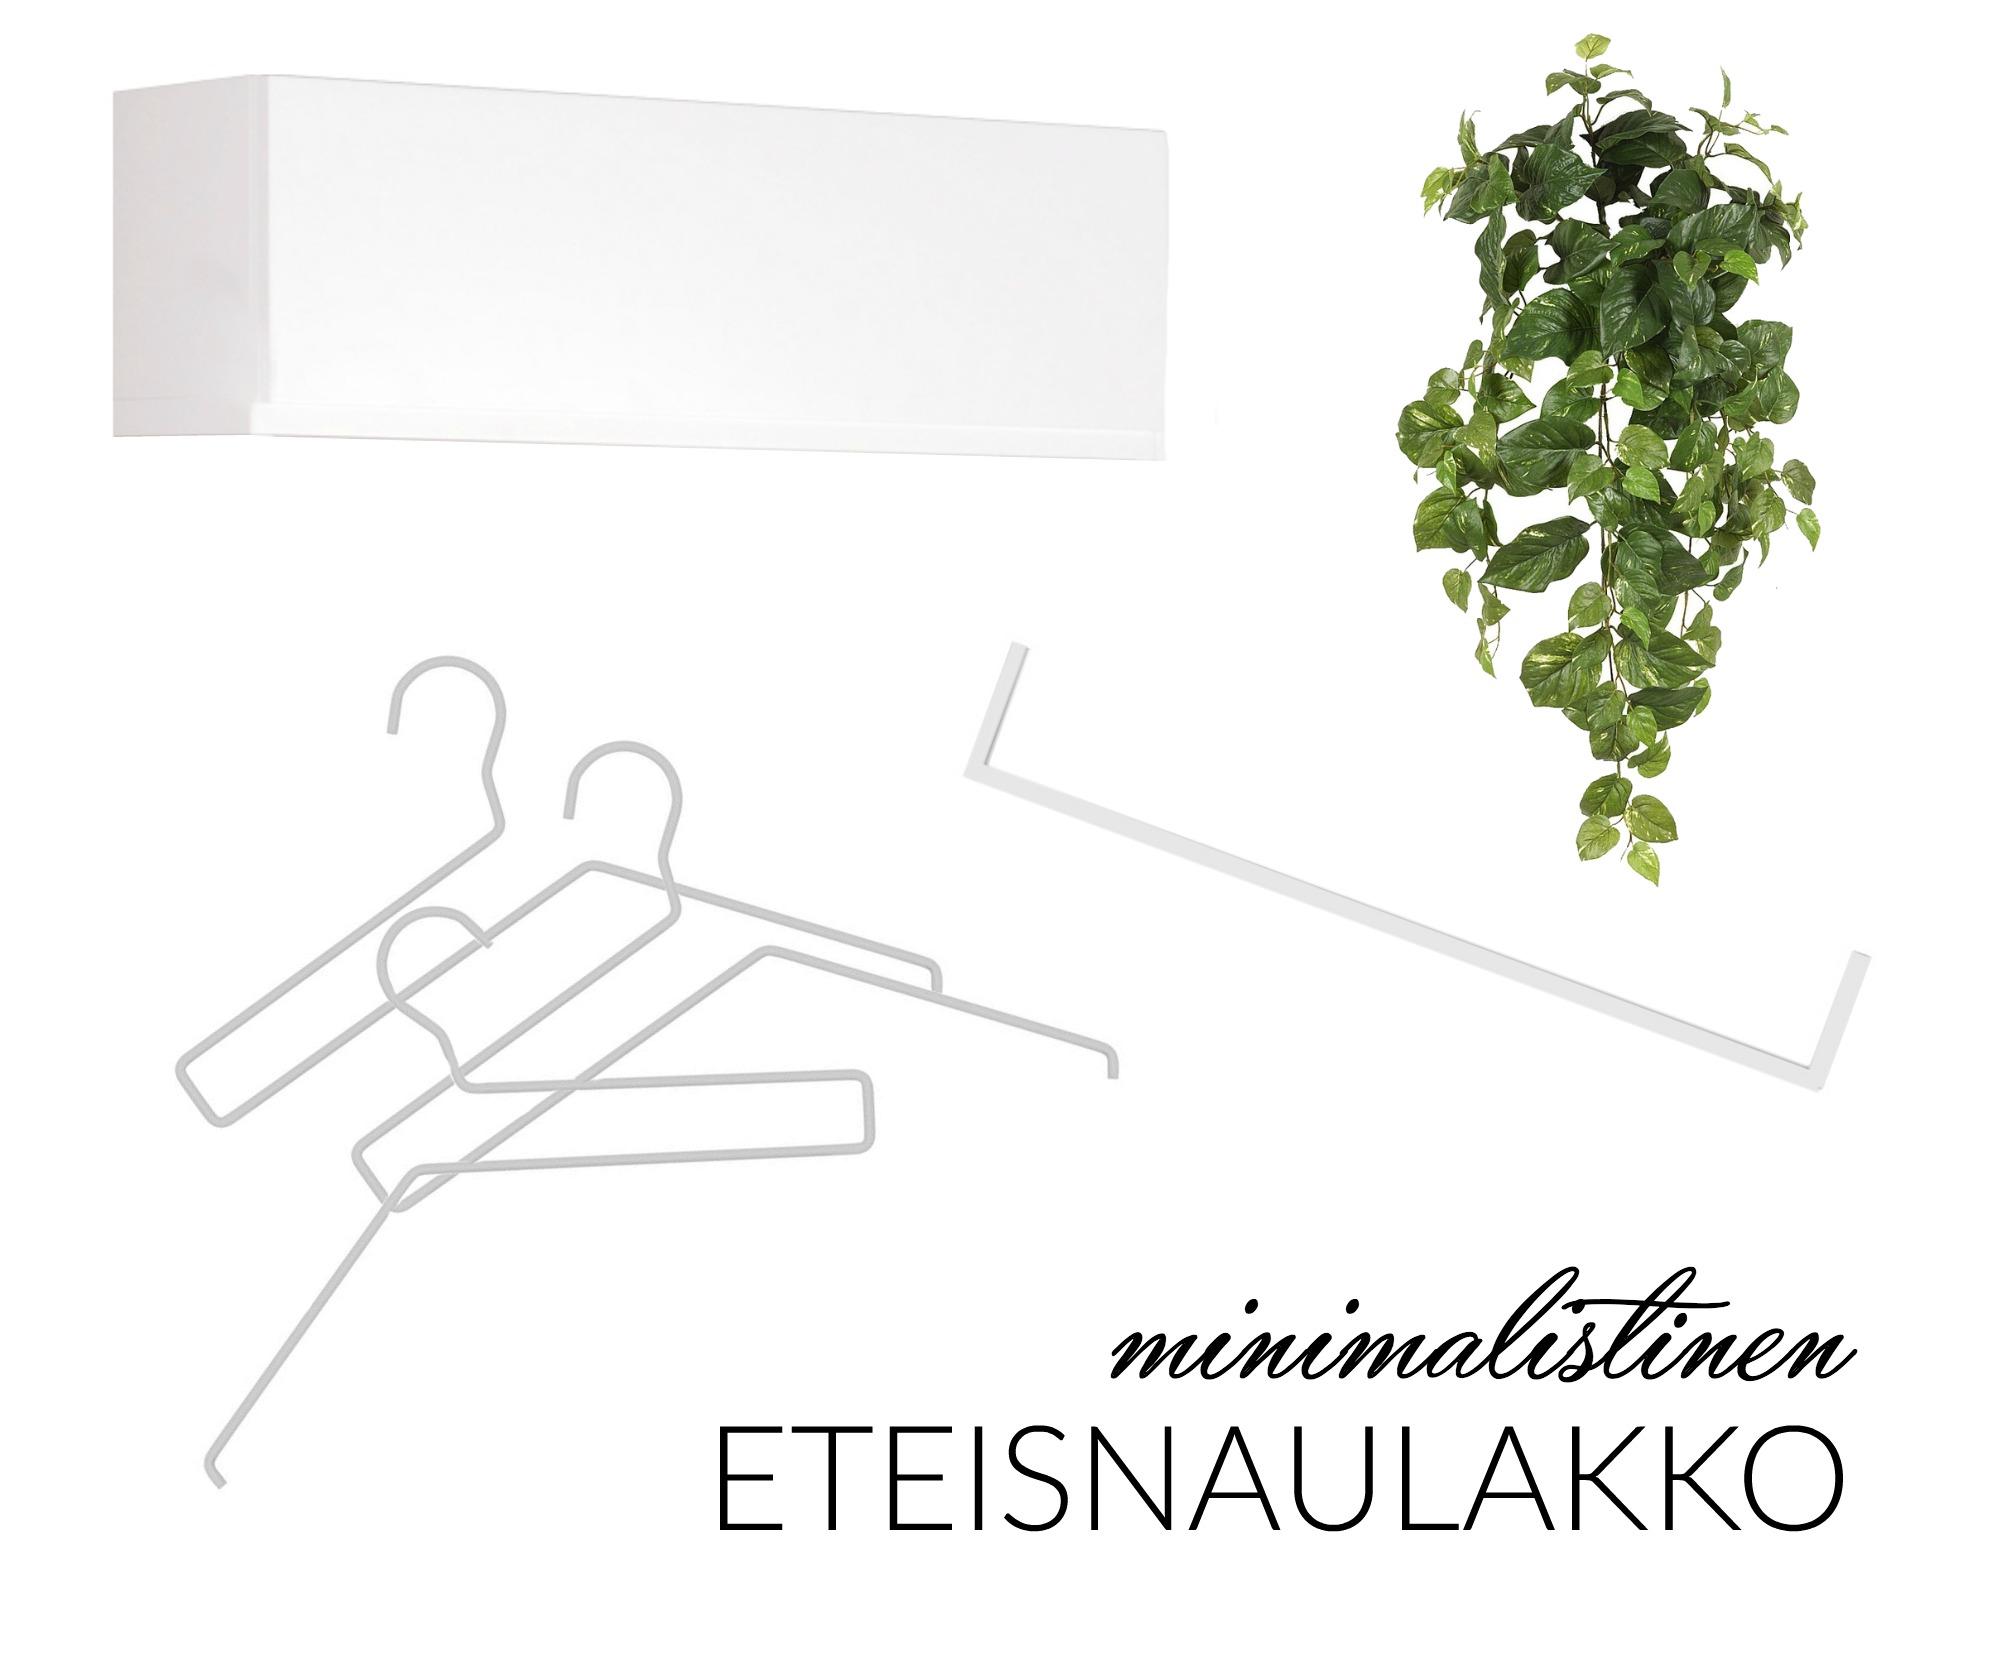 DIY minimalistinen eteisnaulakko omakotivalkoinen epoq Integra Bylassen Frame Rail